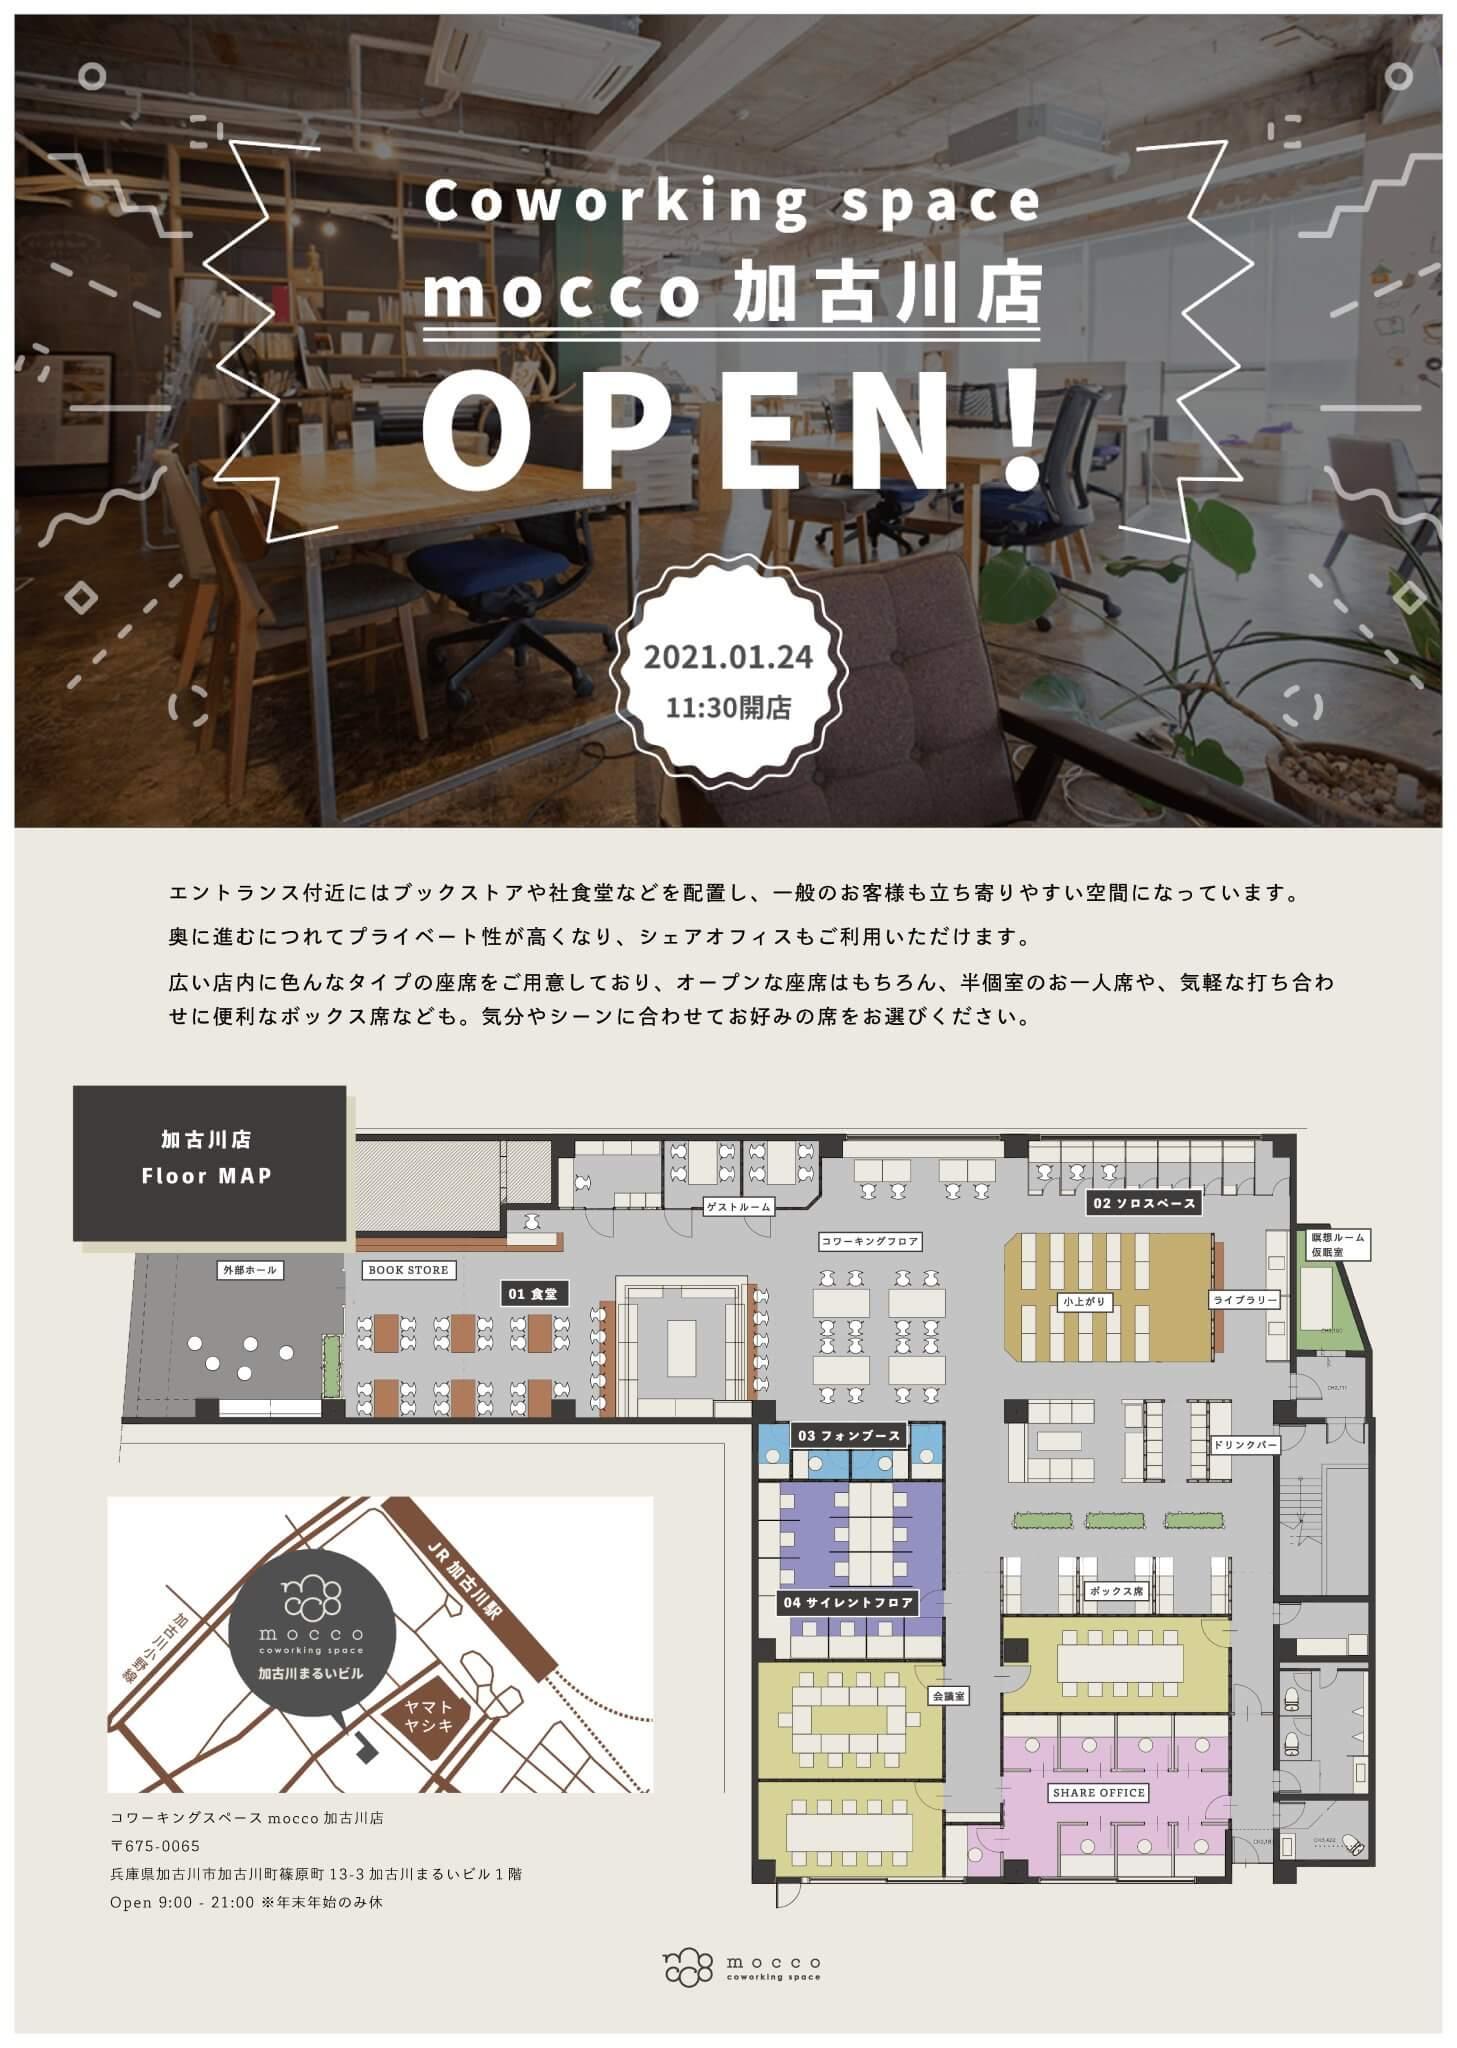 コワーキングスペースmocco加古川店オープンのお知らせ